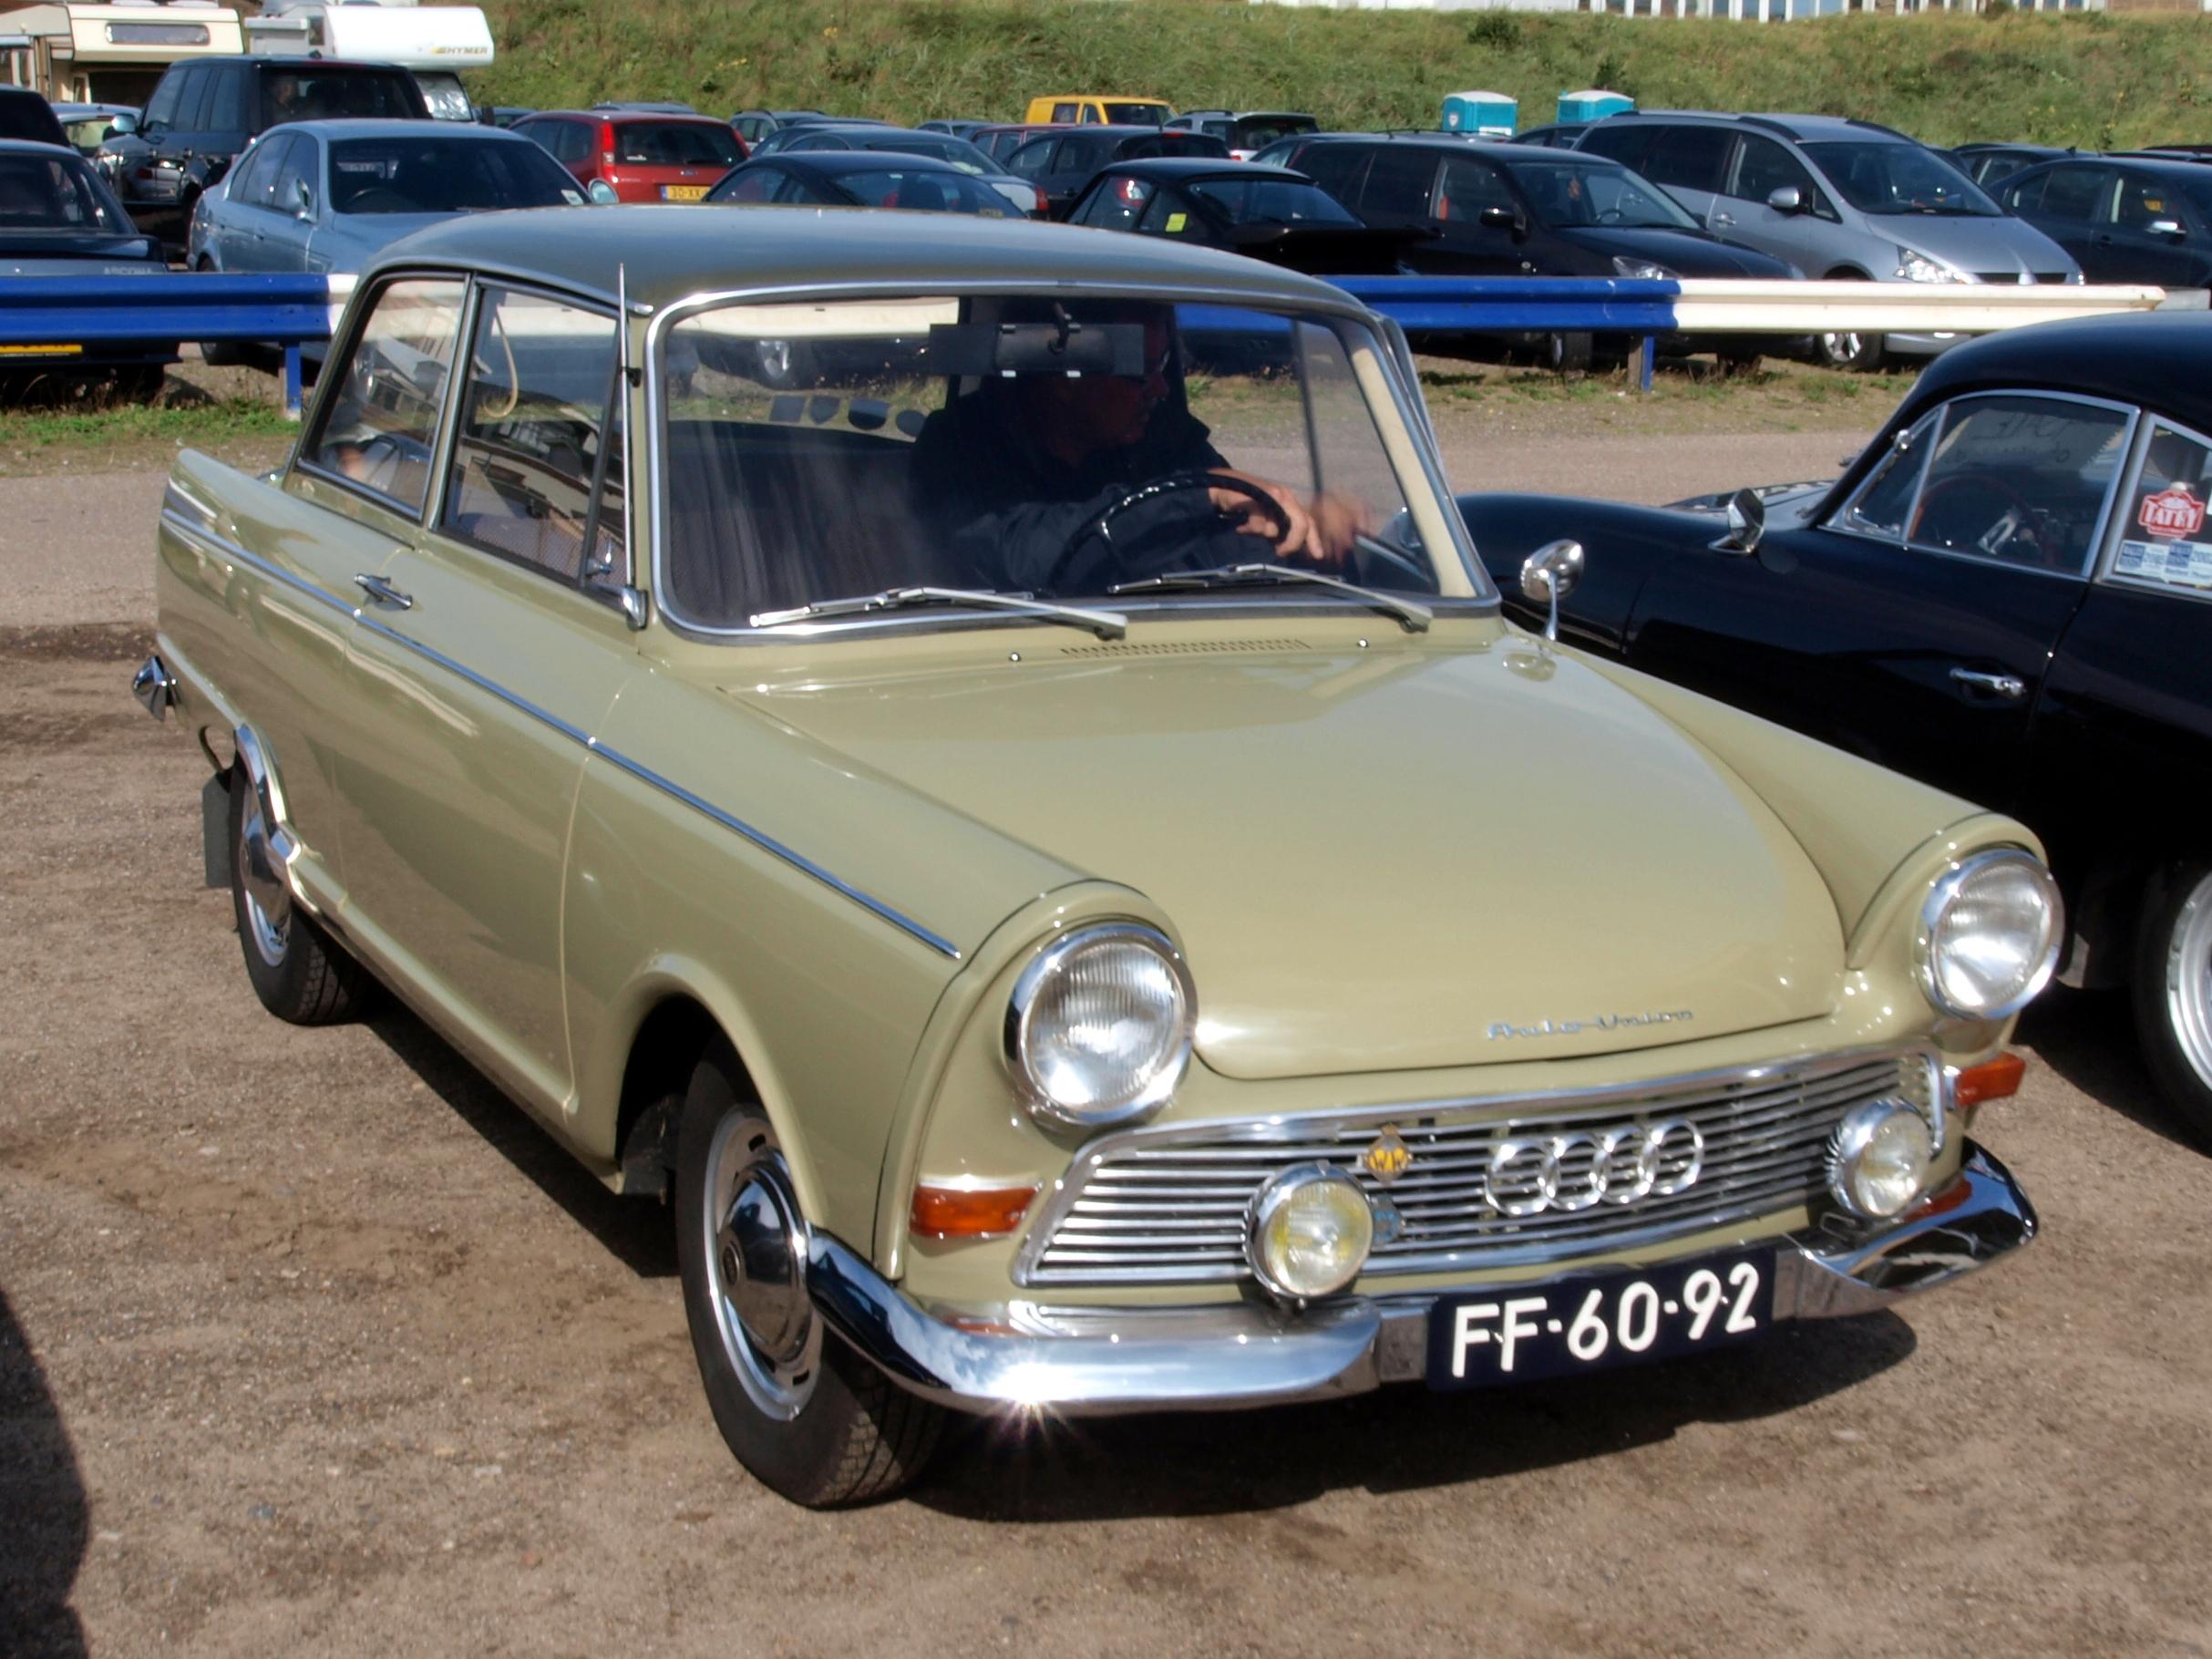 1964 Dkw F11 Auto Union De